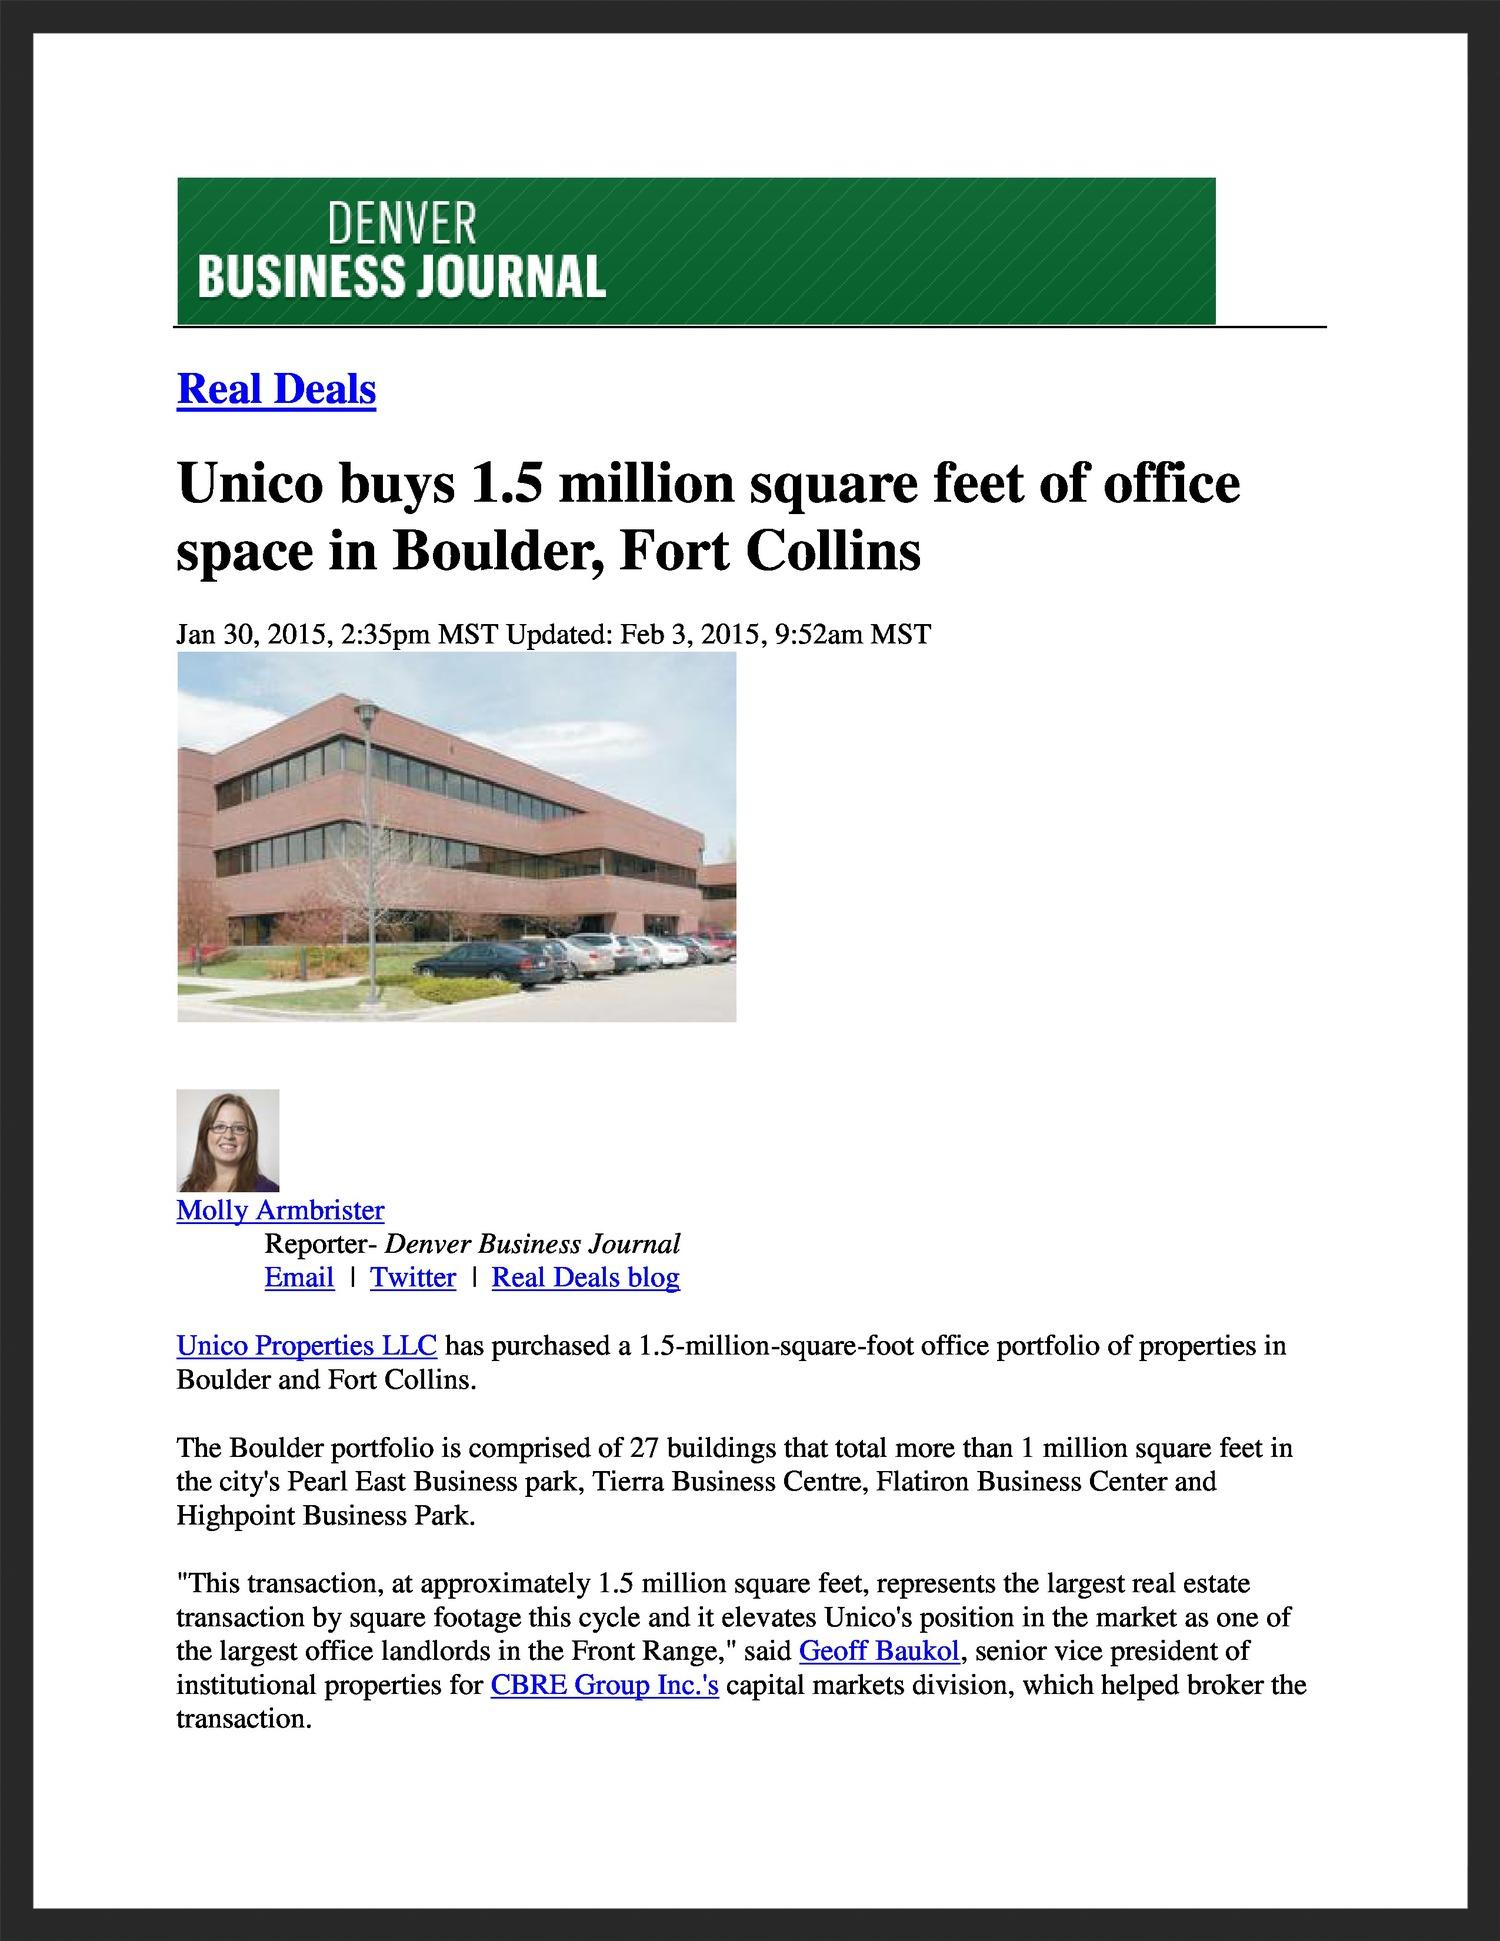 UNICO  Denver Business Journal  01.30.2015